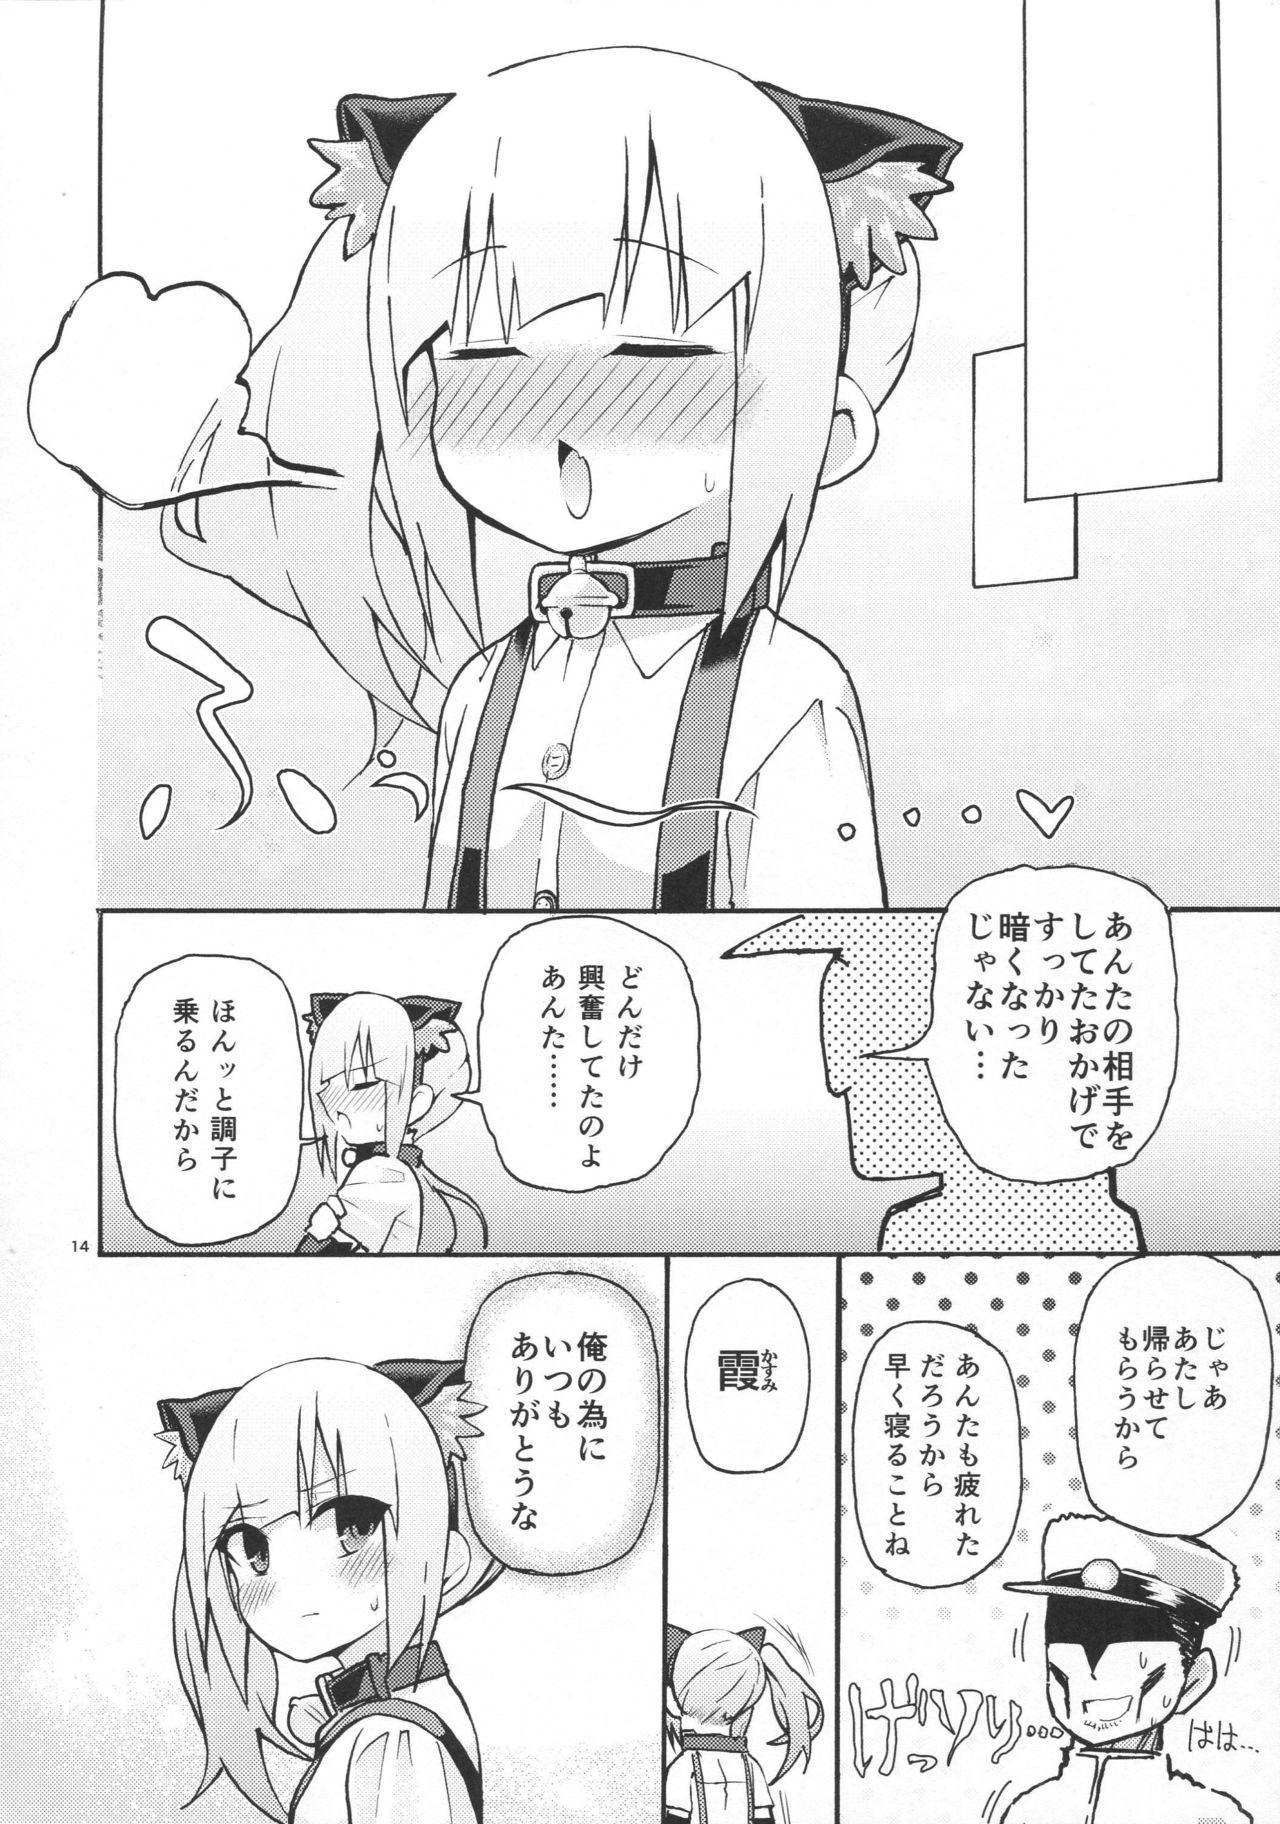 Nyasumi-chan to Kedamono Hatsujouki! 14